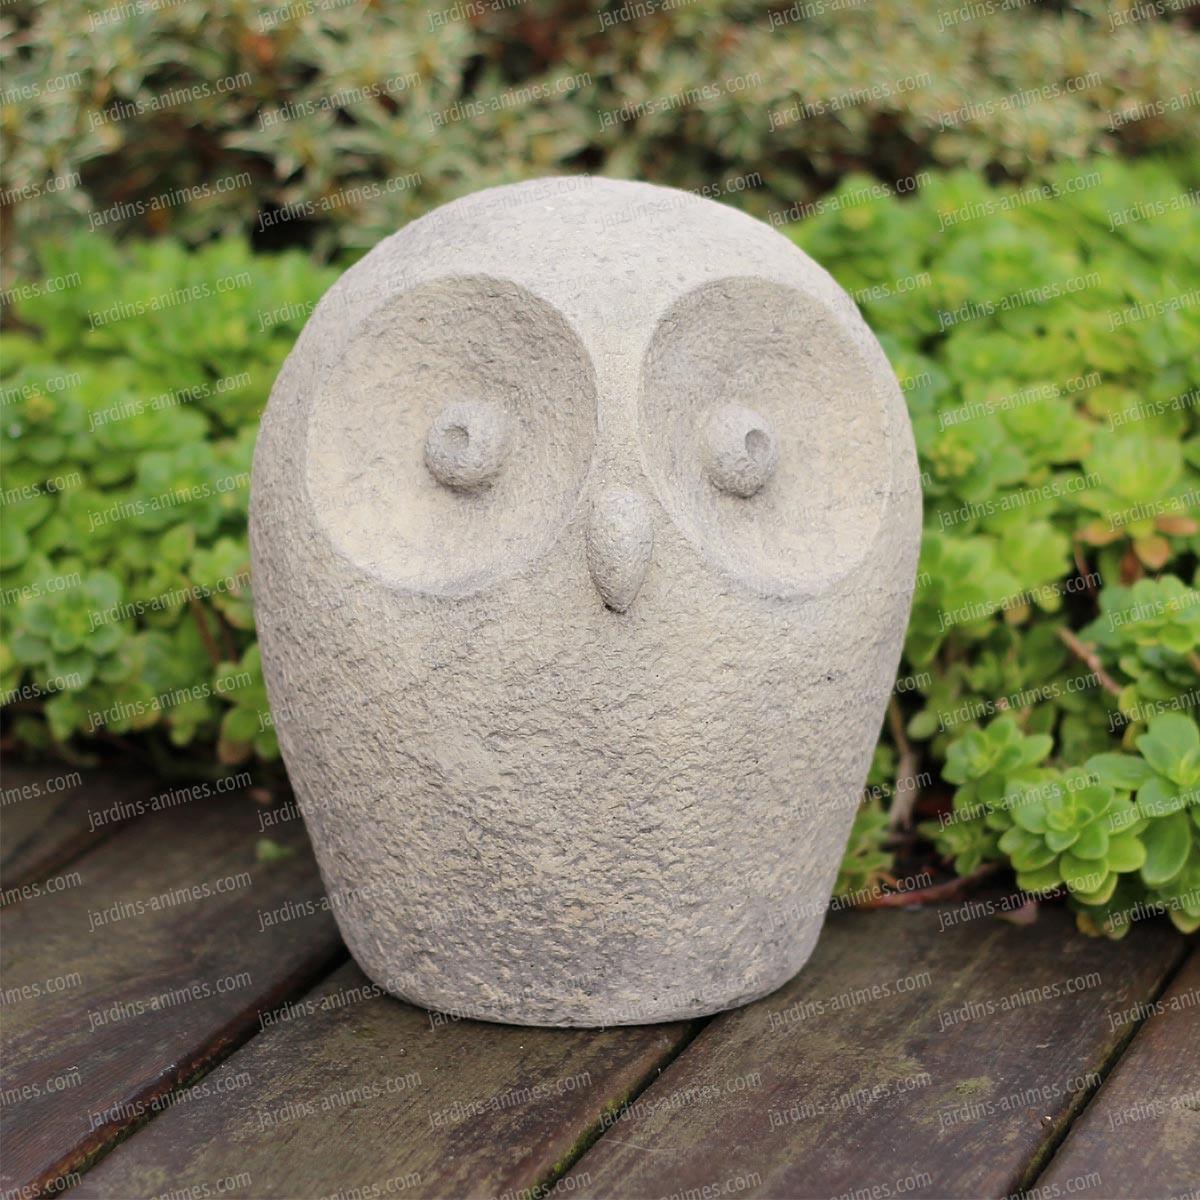 Chouette Décorative Arrondie En Béton dedans Jardins Animés Sculpture